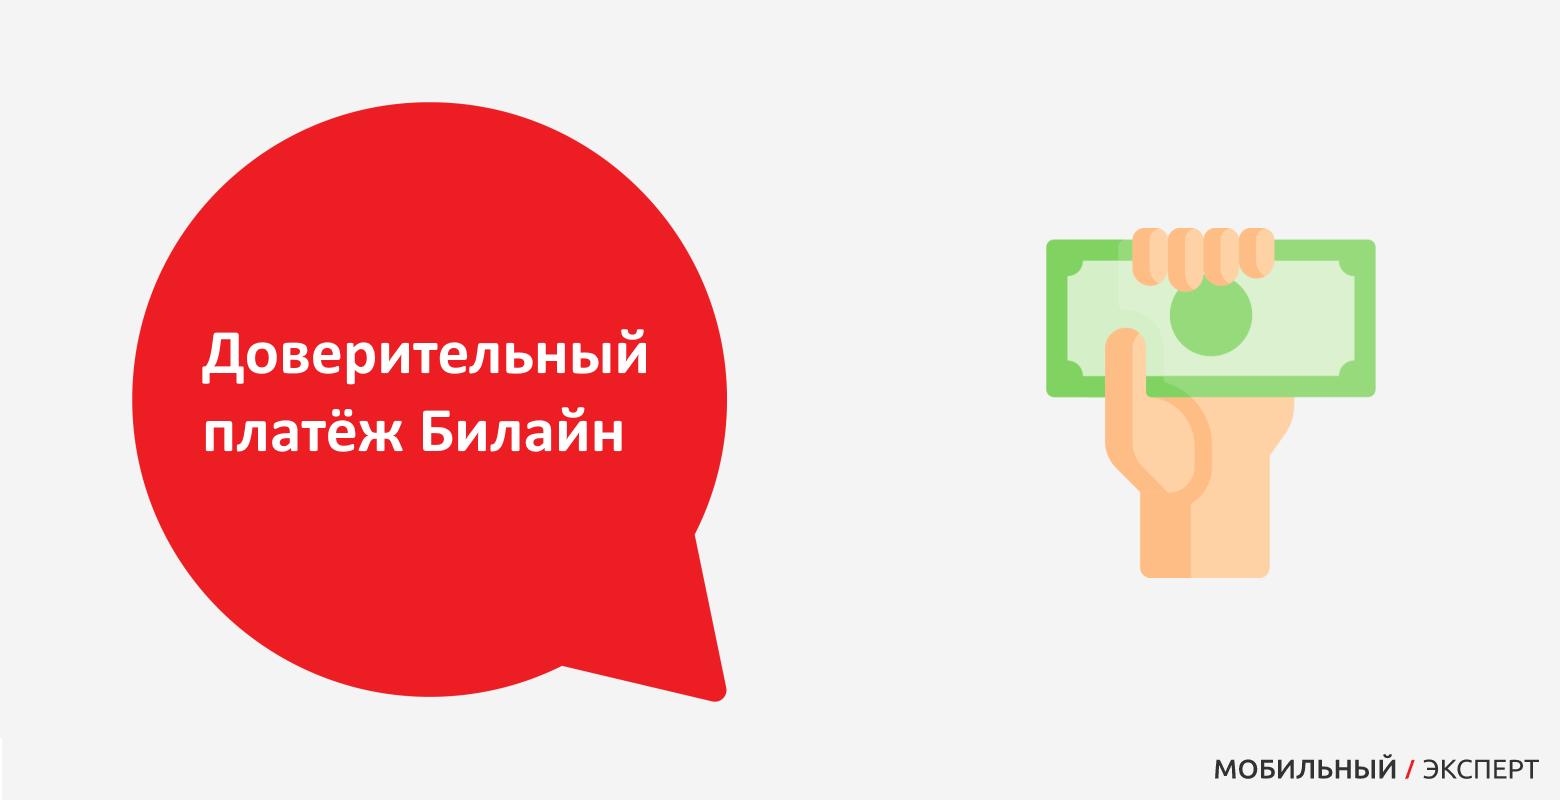 Доверительный платёж на территории России